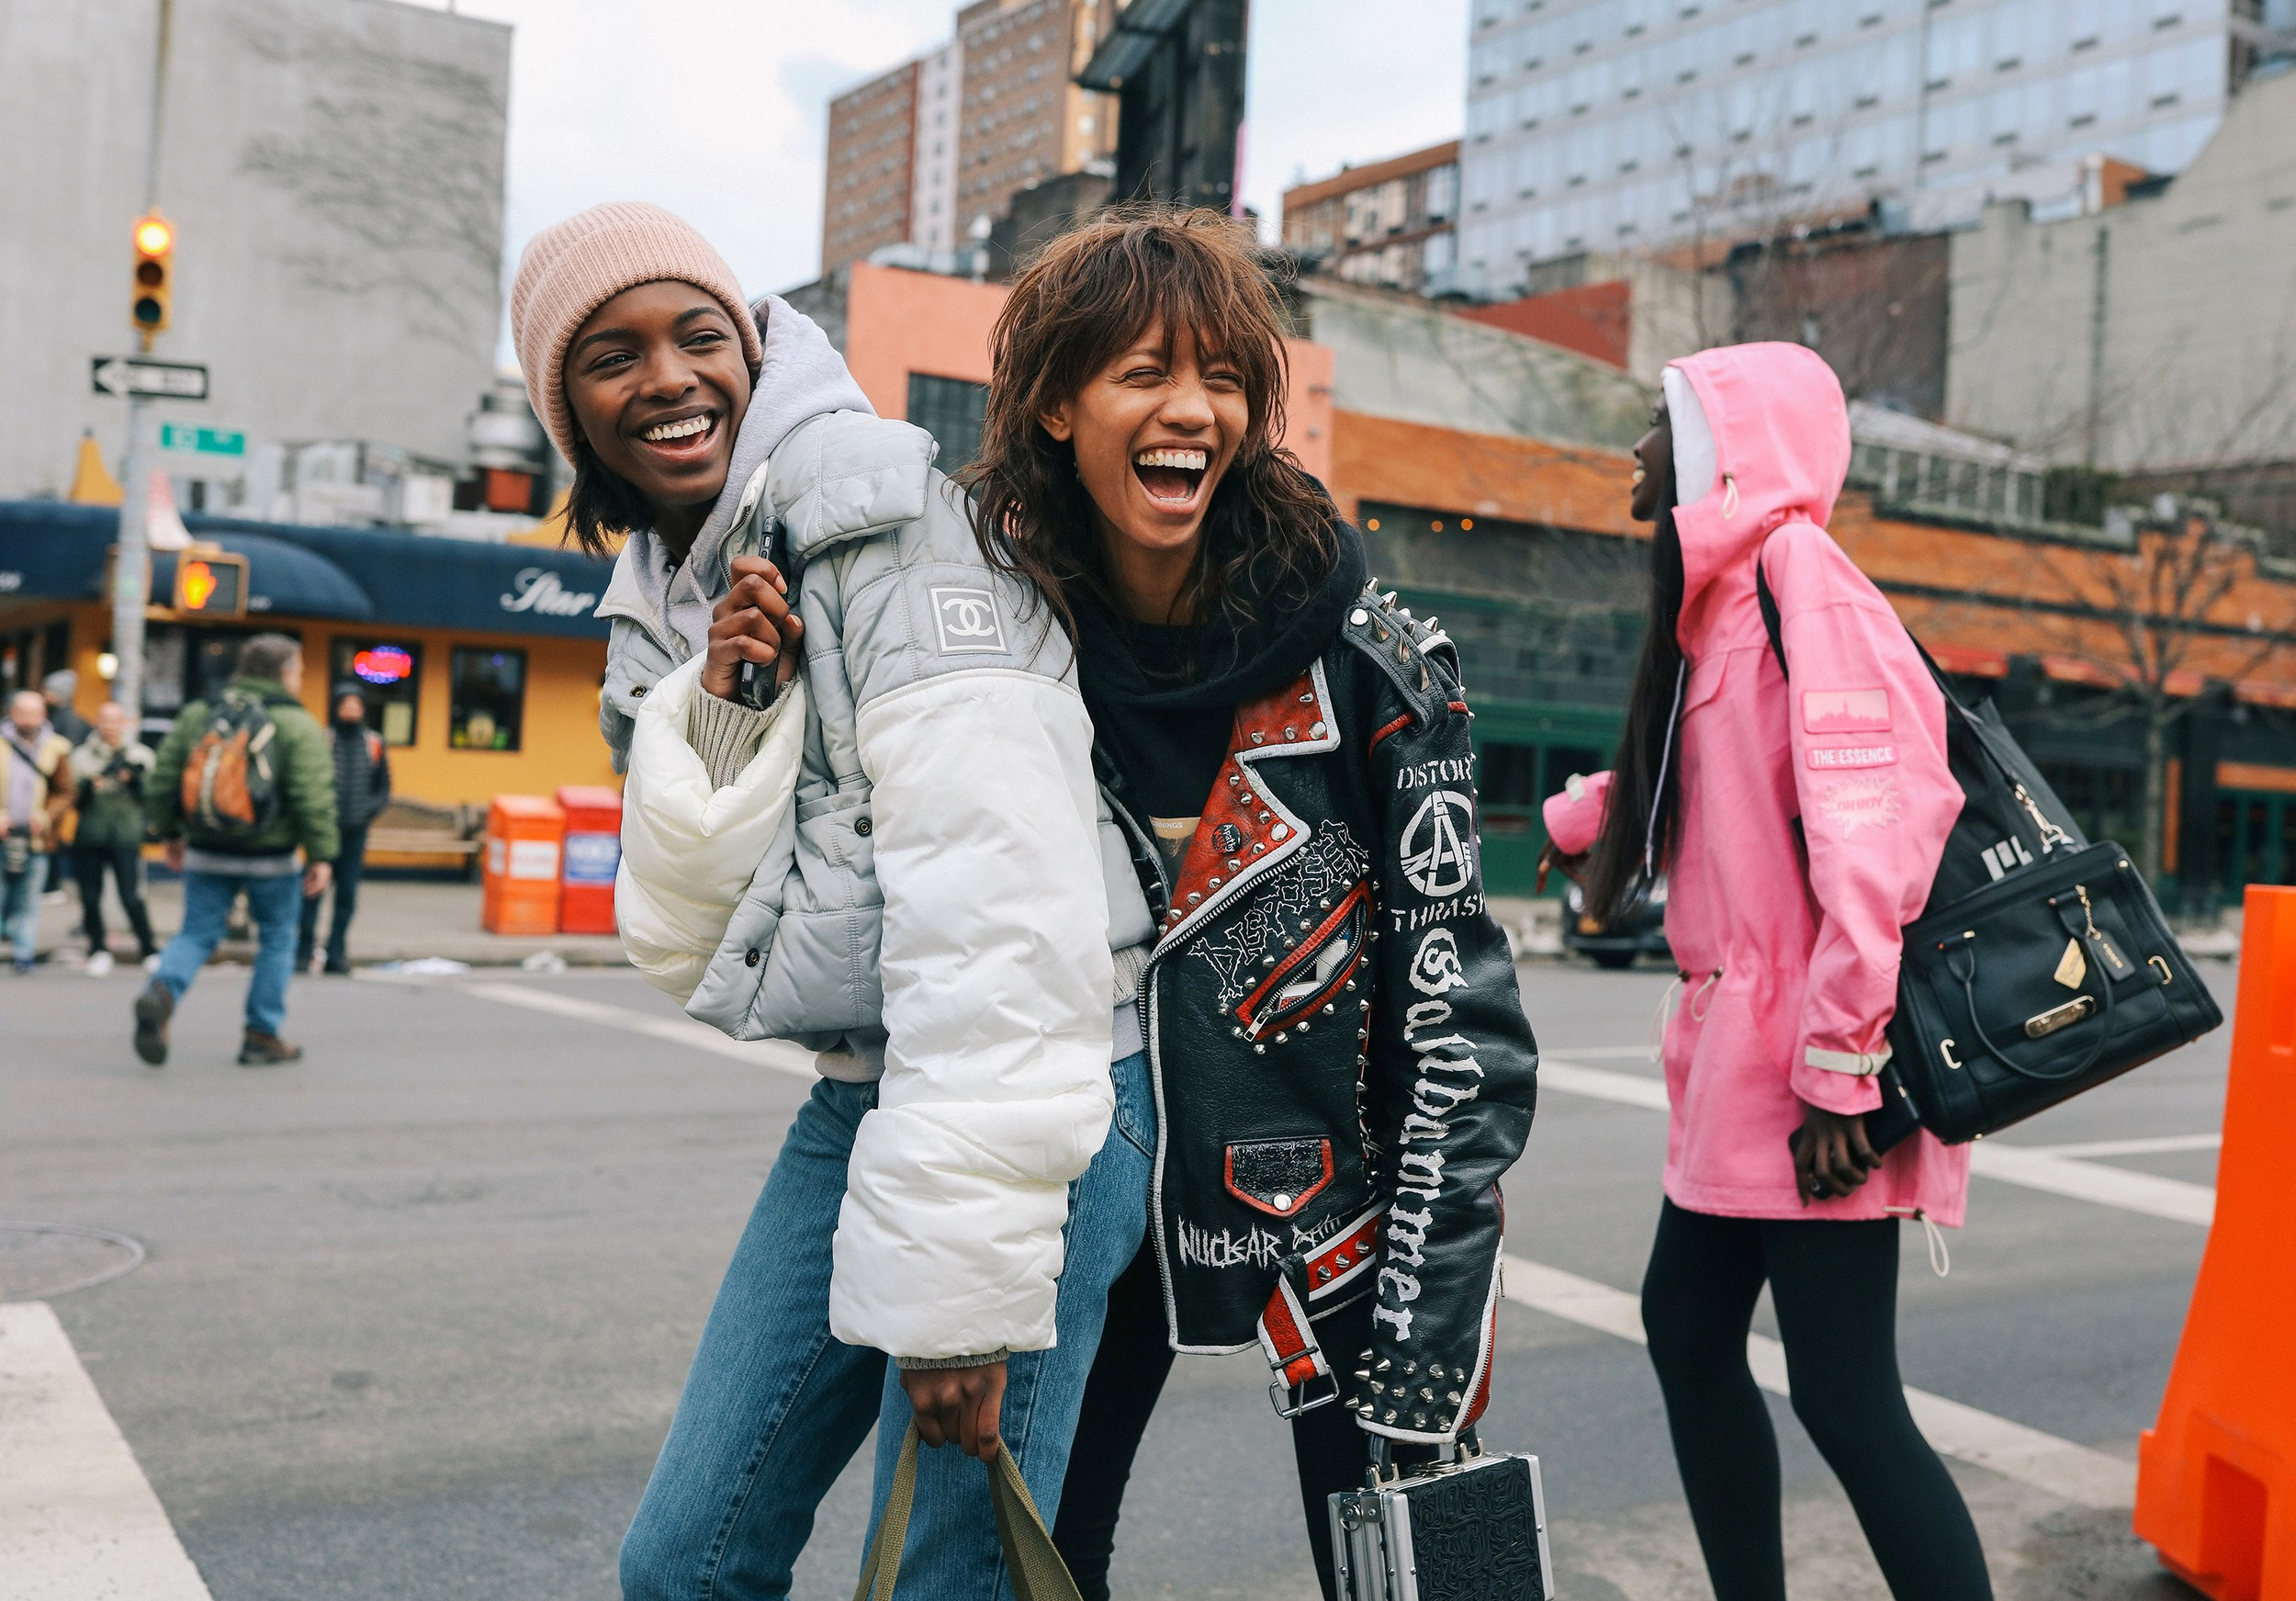 Chiêm ngưỡng đặc sản street style đẹp khó rời mắt tại Tuần lễ thời trang New York - Ảnh 10.